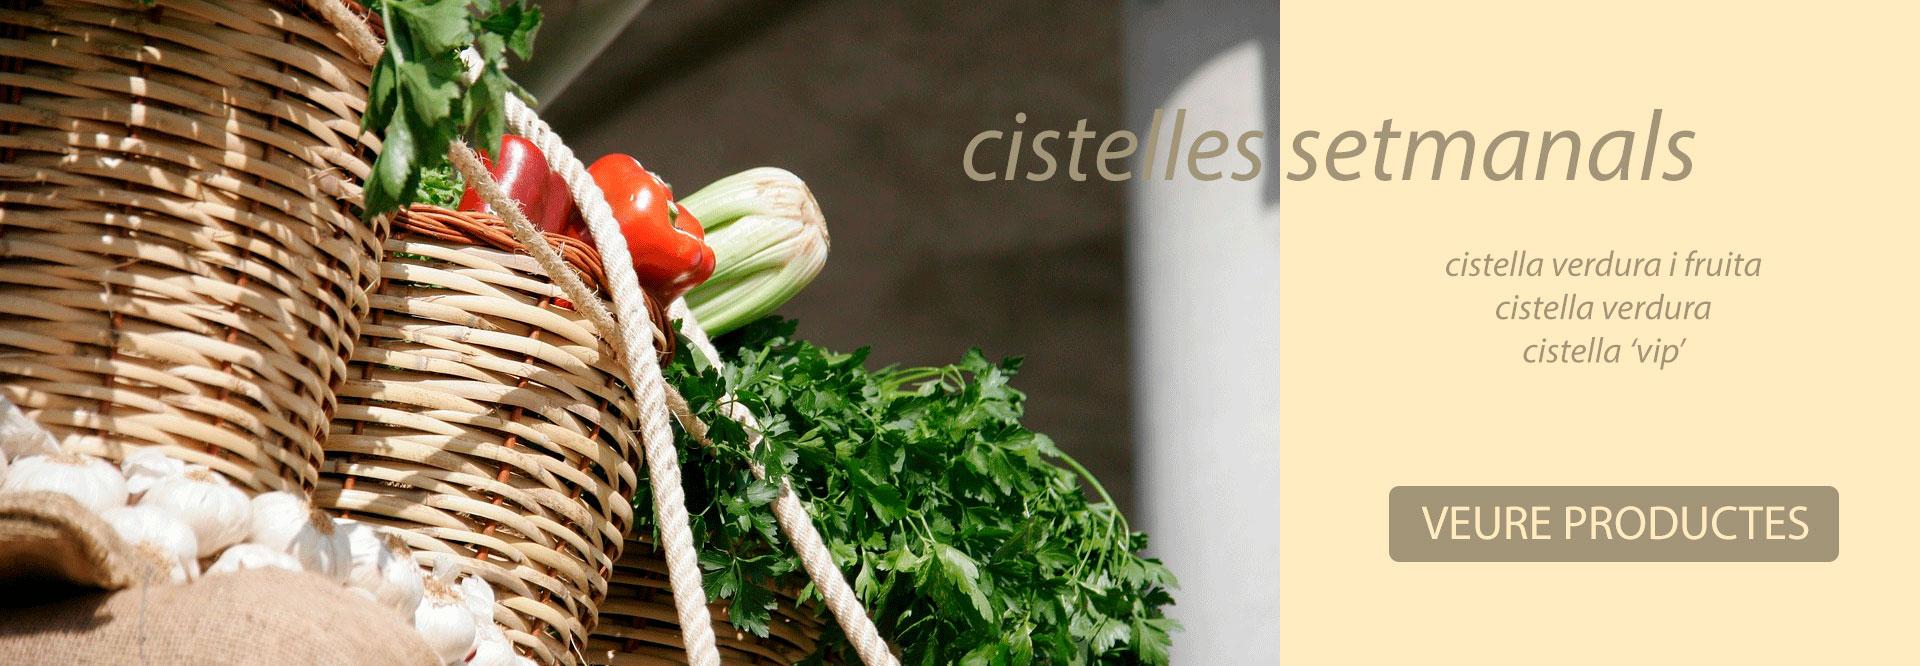 banner_cistelles_web-(1)